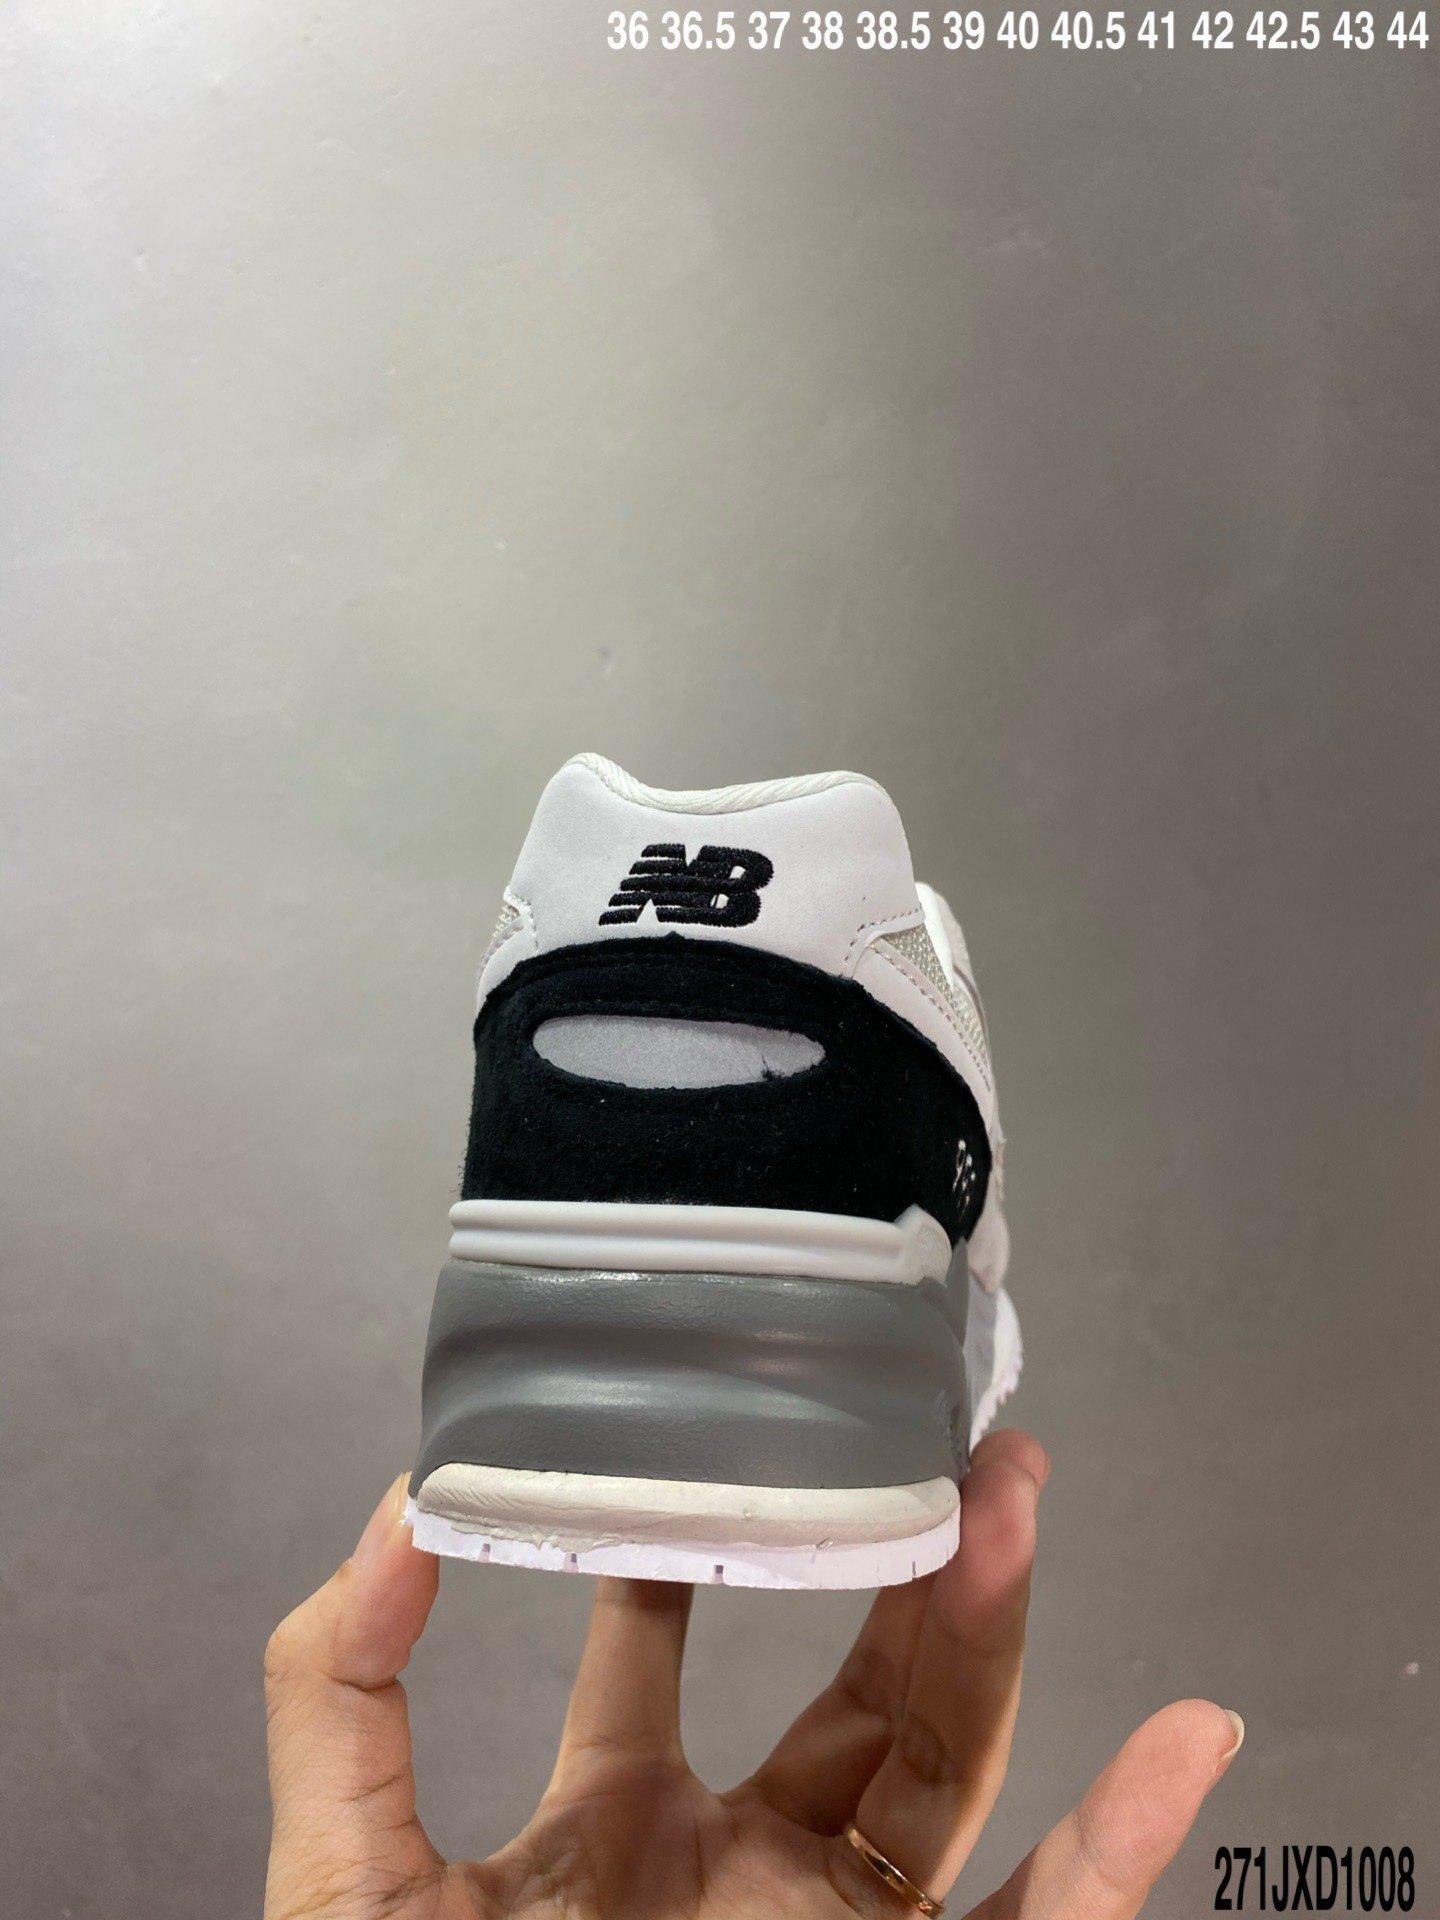 跑鞋, Rock Stop, New Balance NB999, New Balance, ML999BC, ABZORB